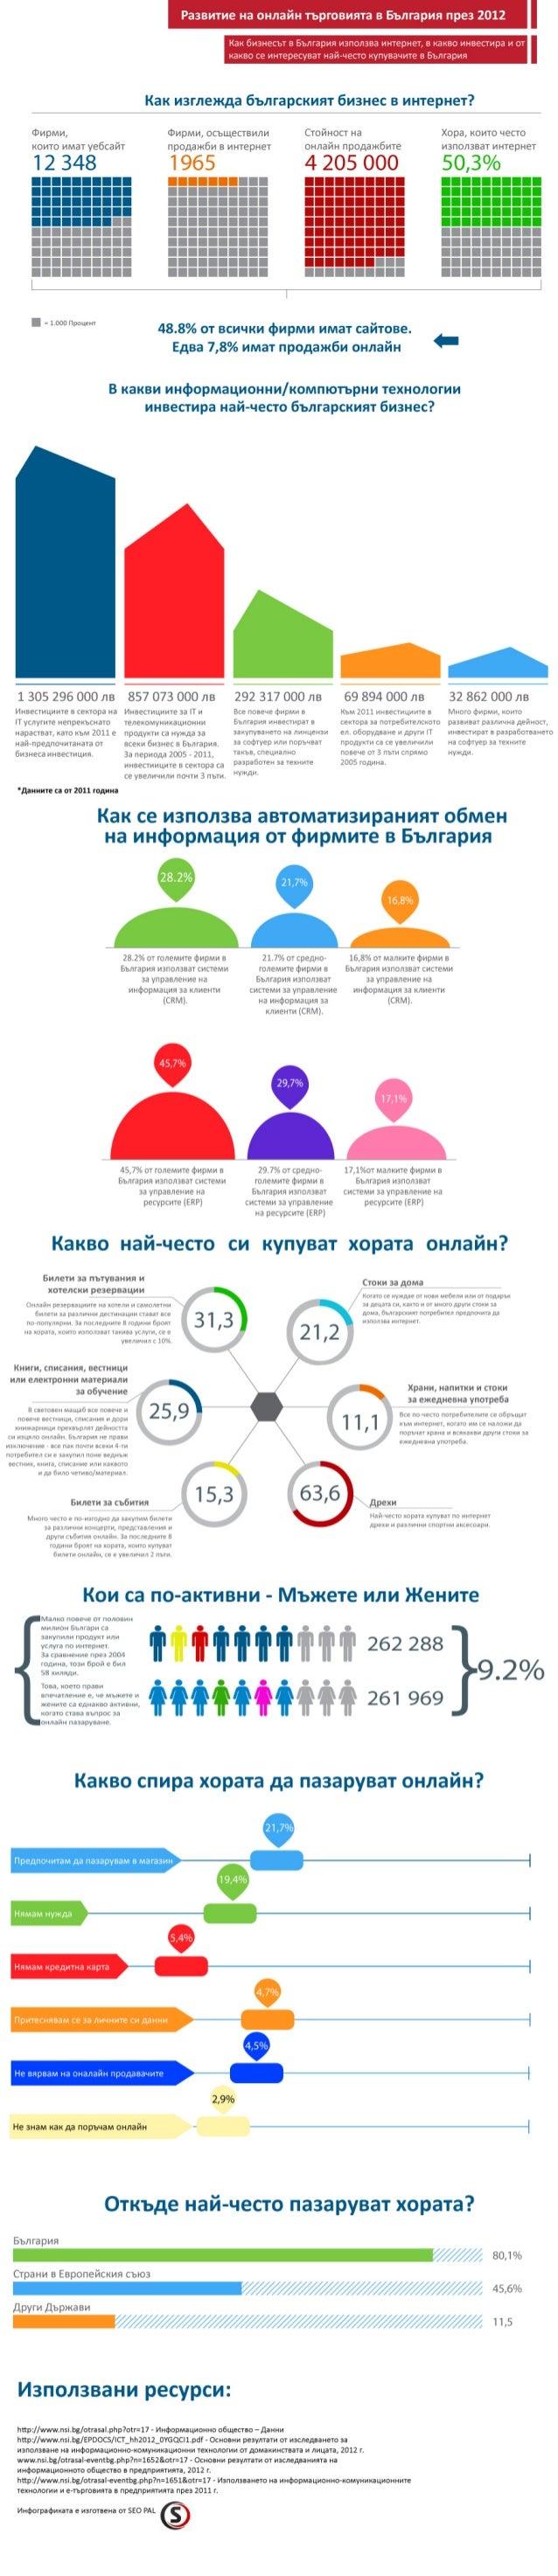 Тенденции за онлайн бизнеса в България (2011/2012)